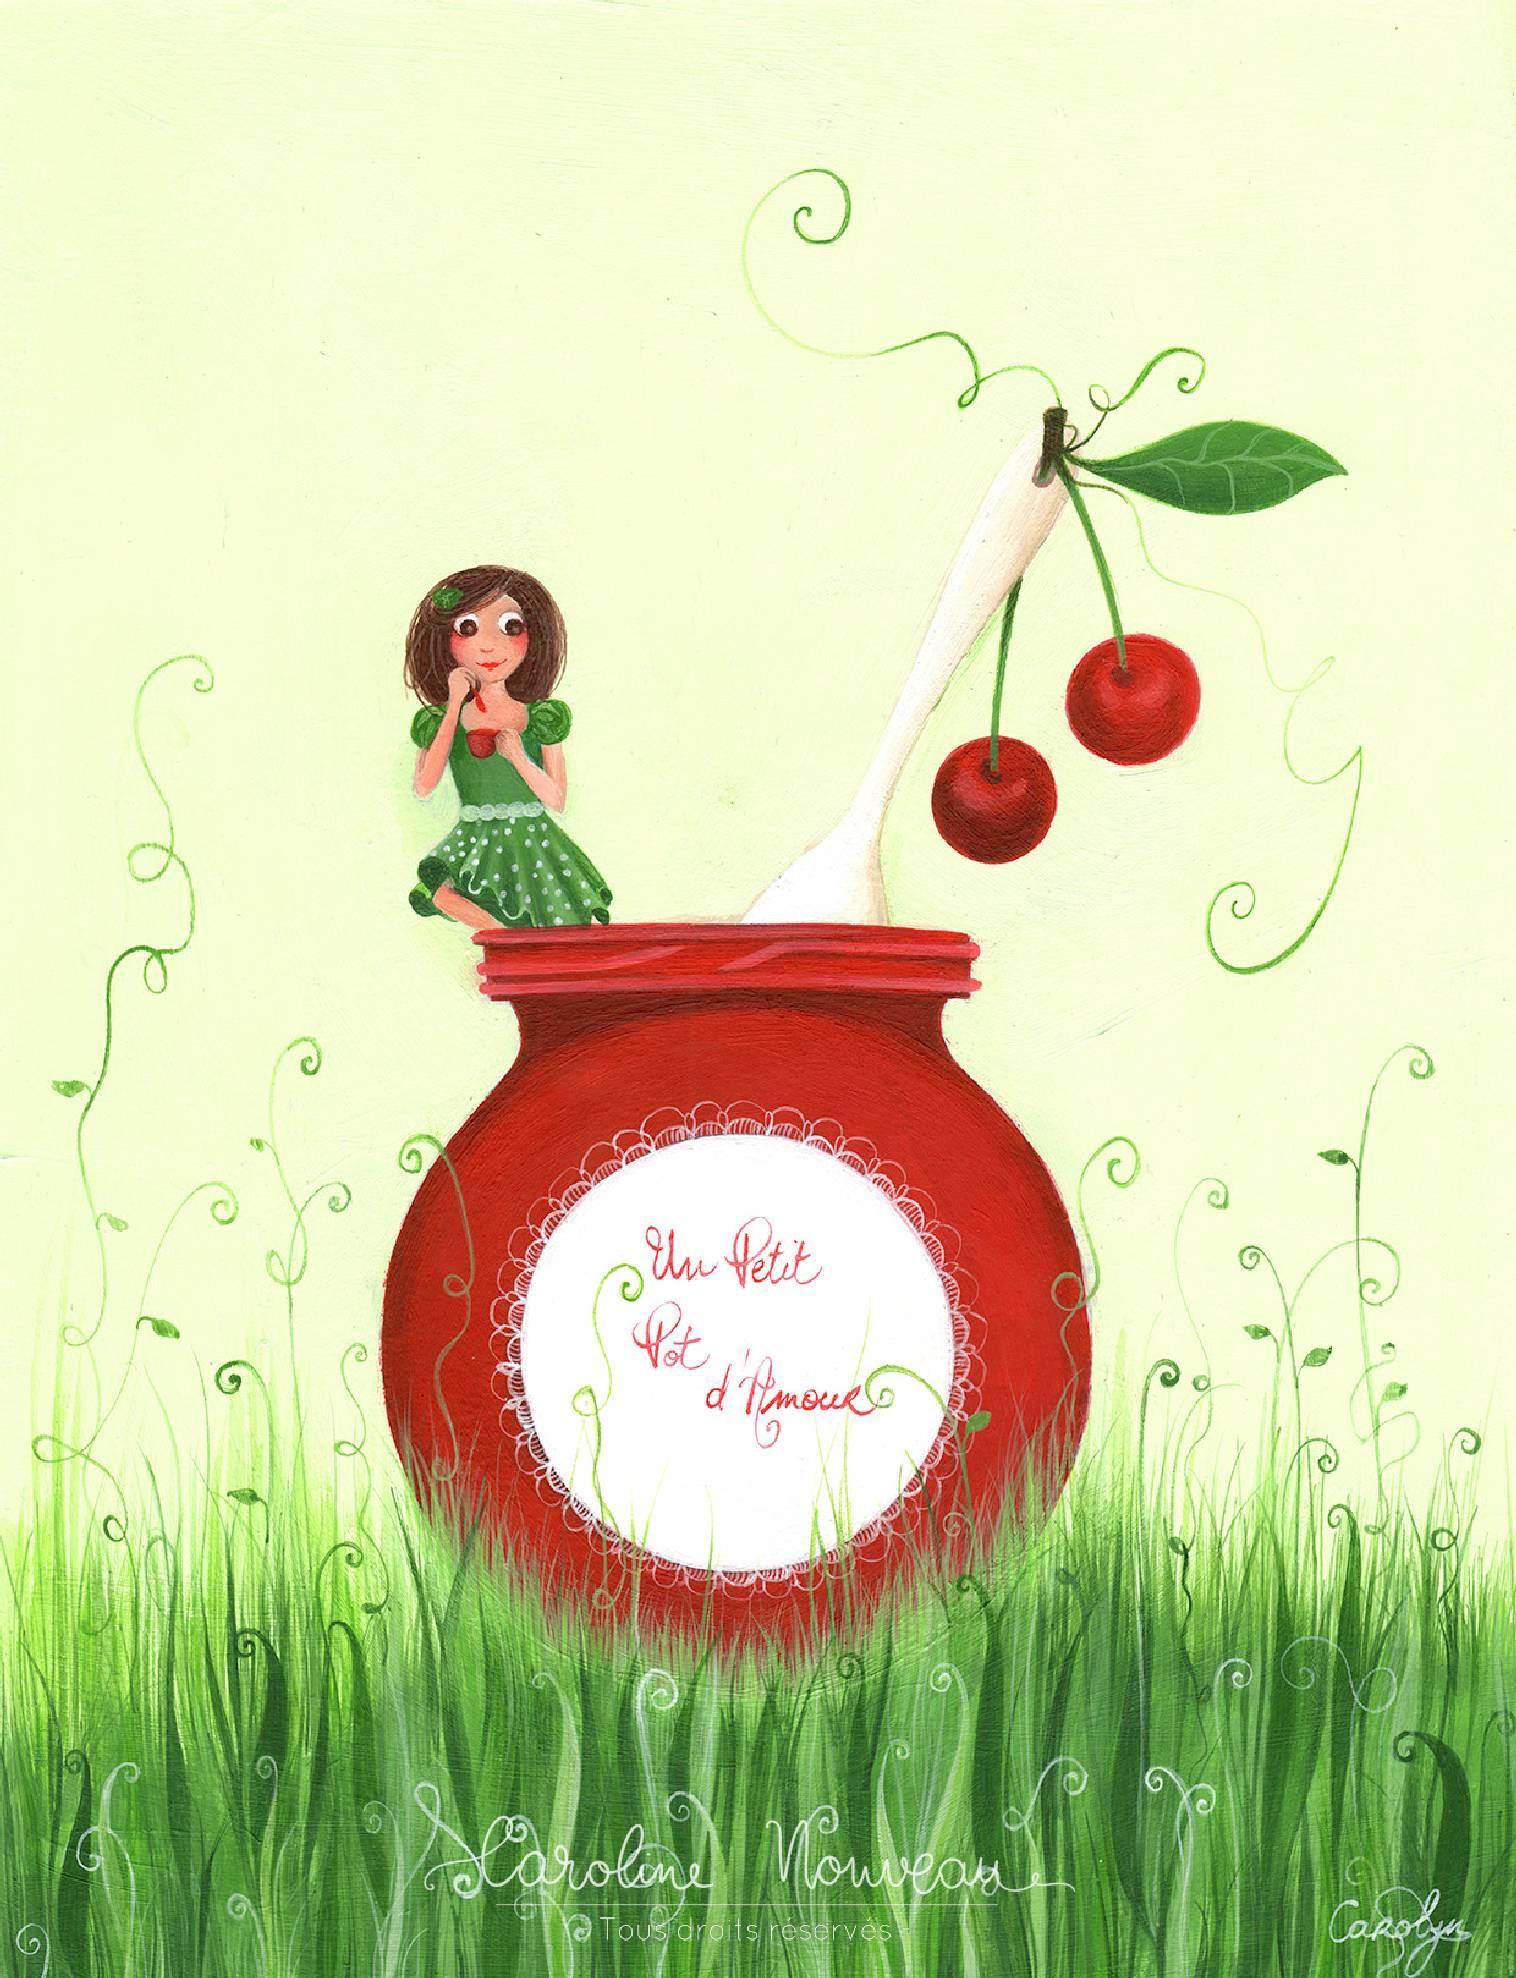 """""""Un petit pot d'amour"""" Acrylique sur papier - 23*30cm - 2013 - Non disponible"""